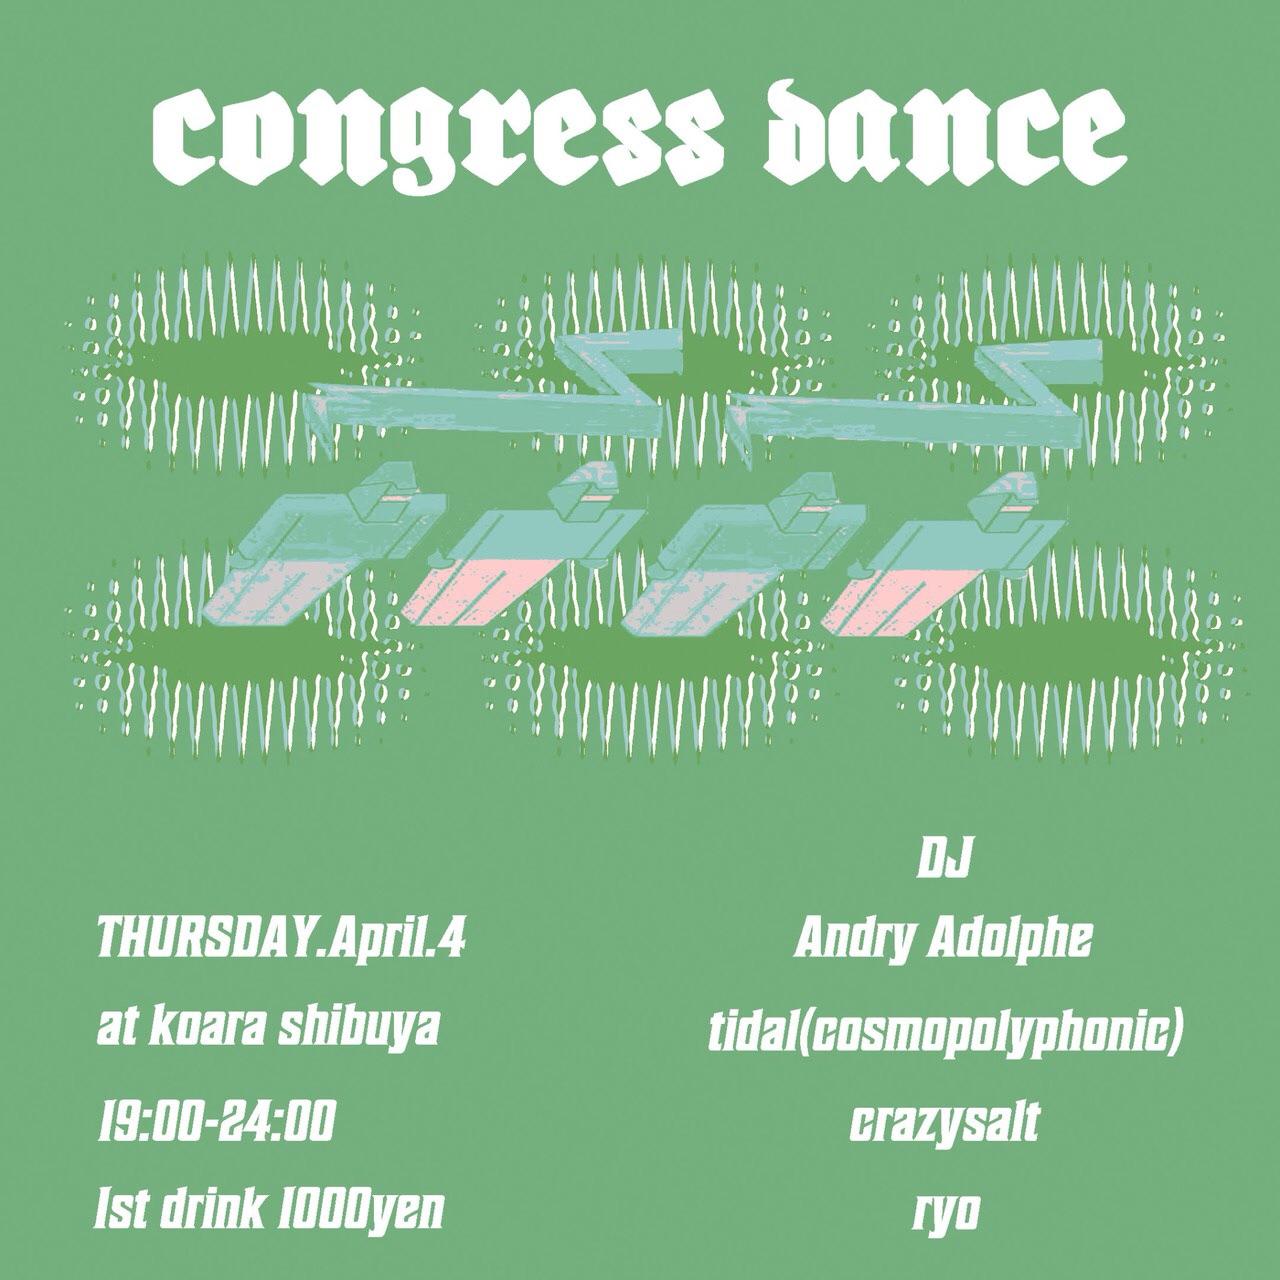 congress dance vol.6